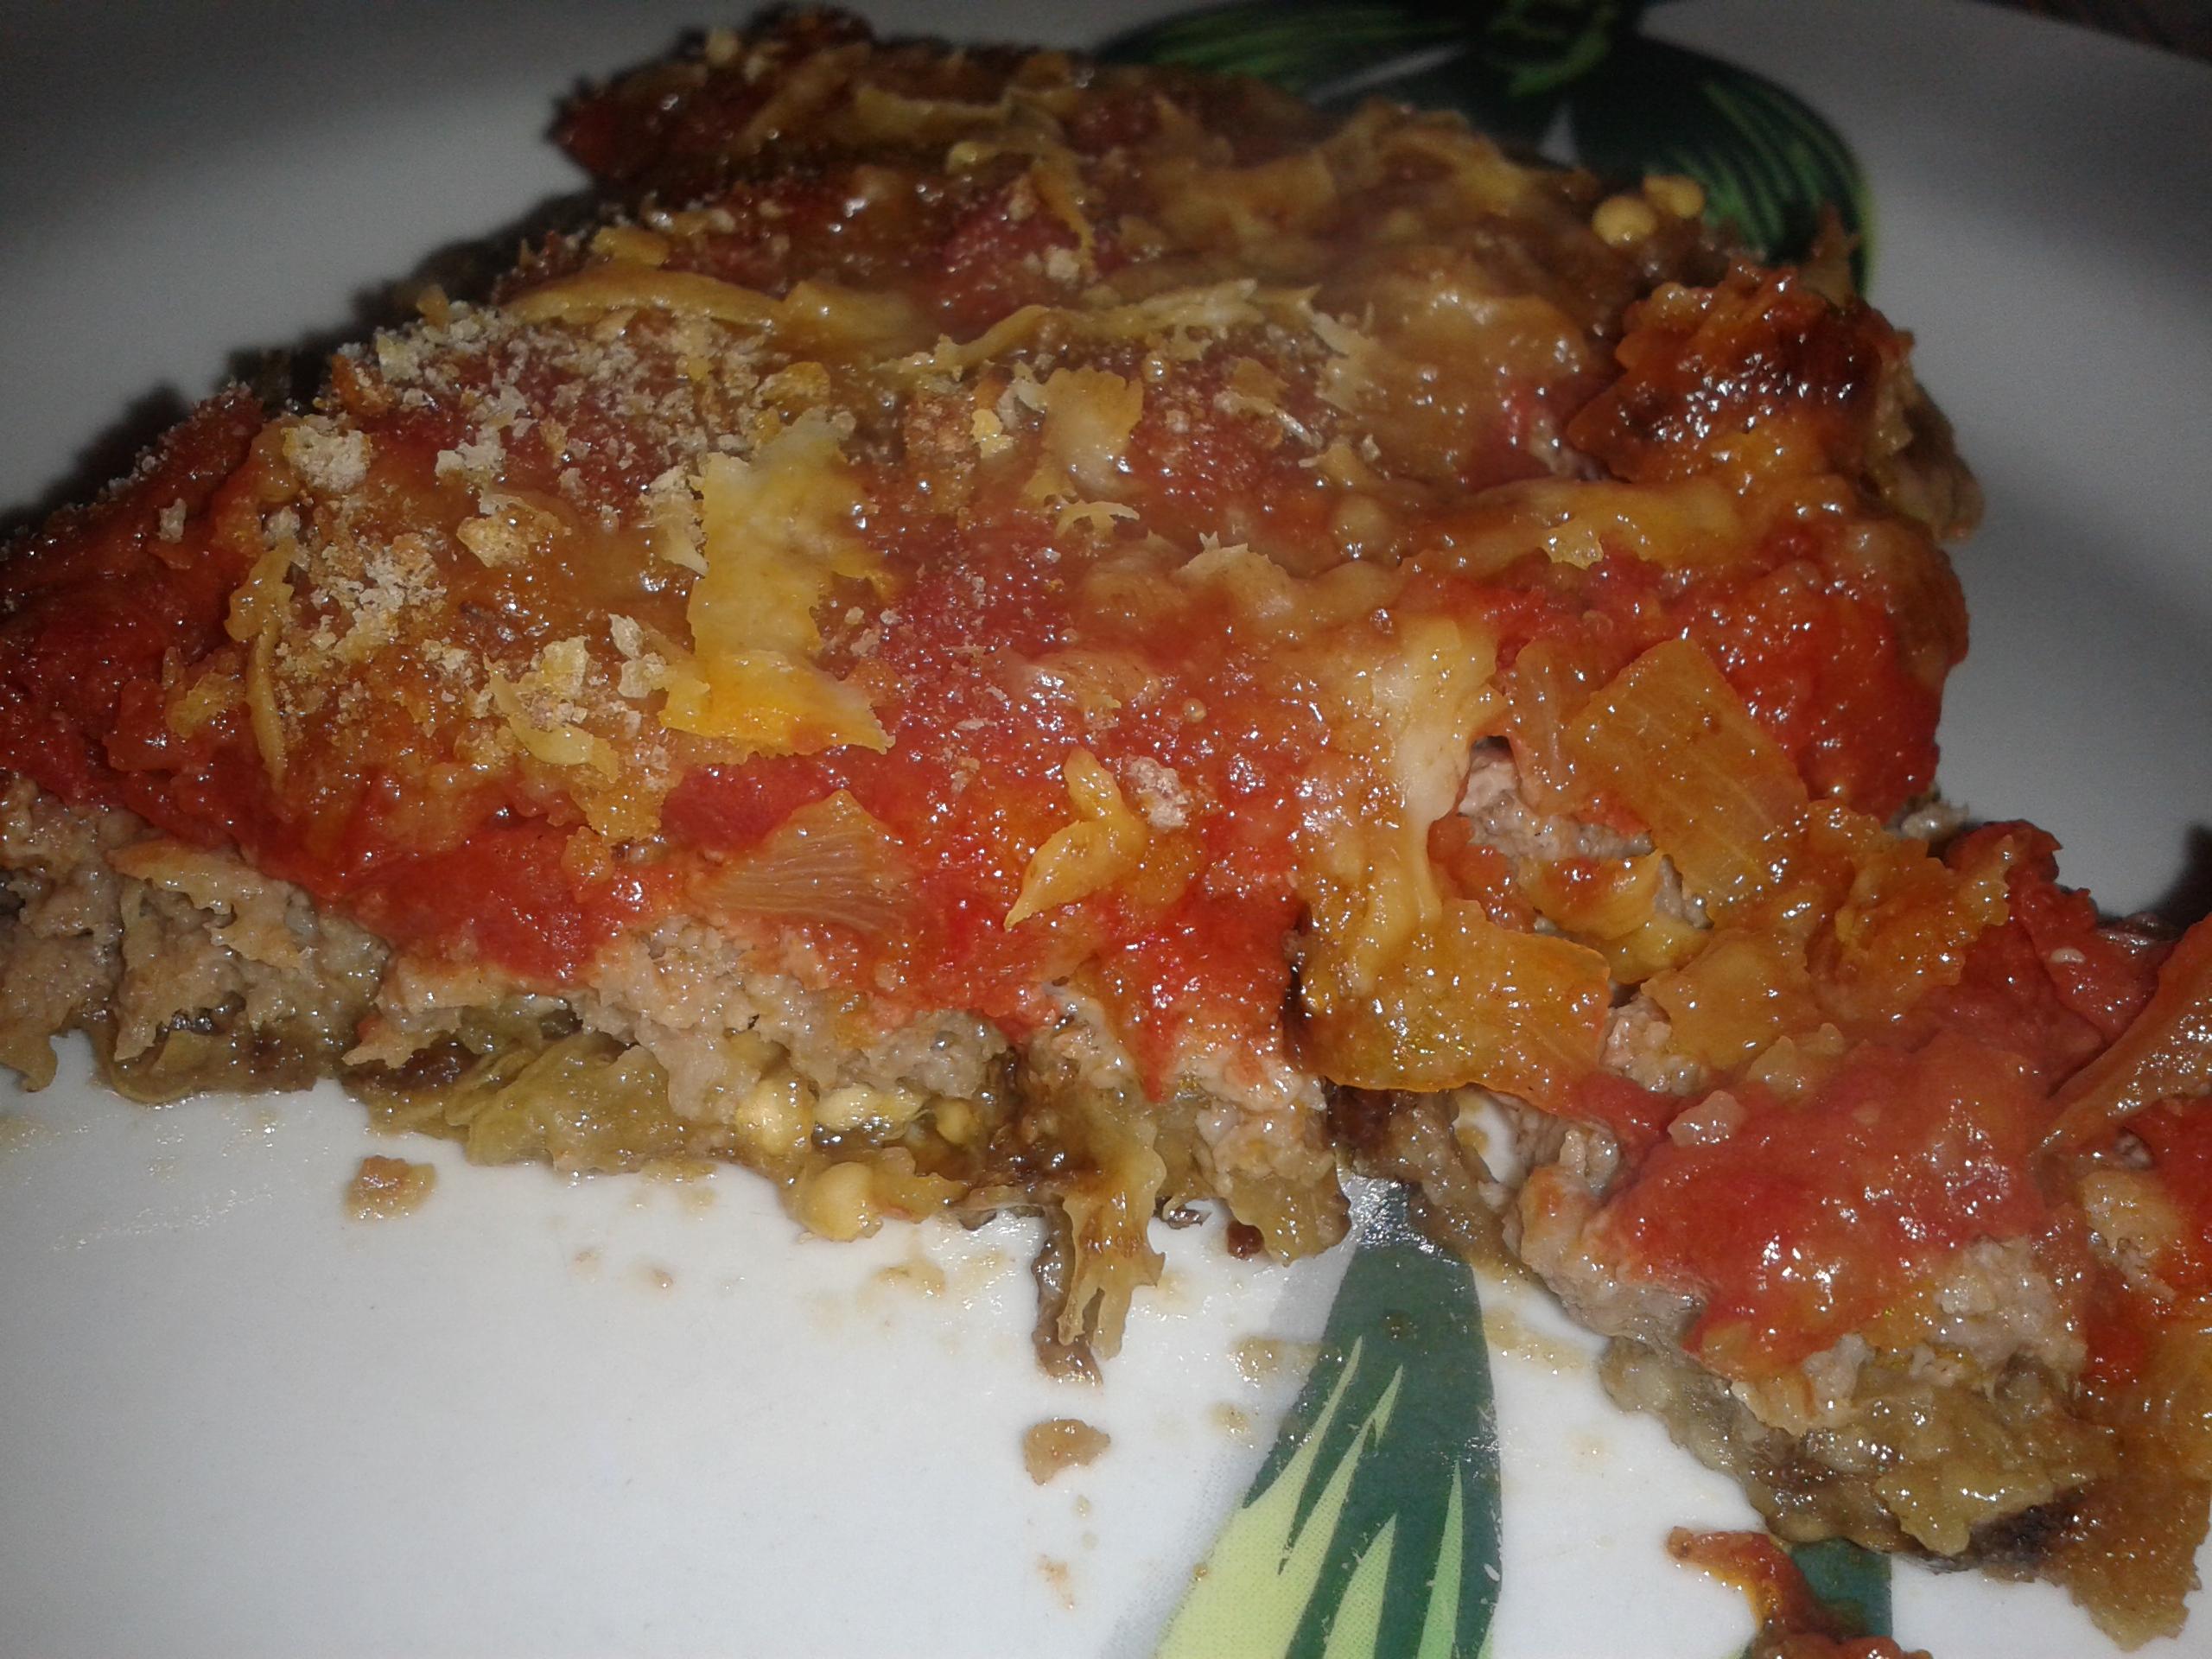 Pizza di carne alla palermitana